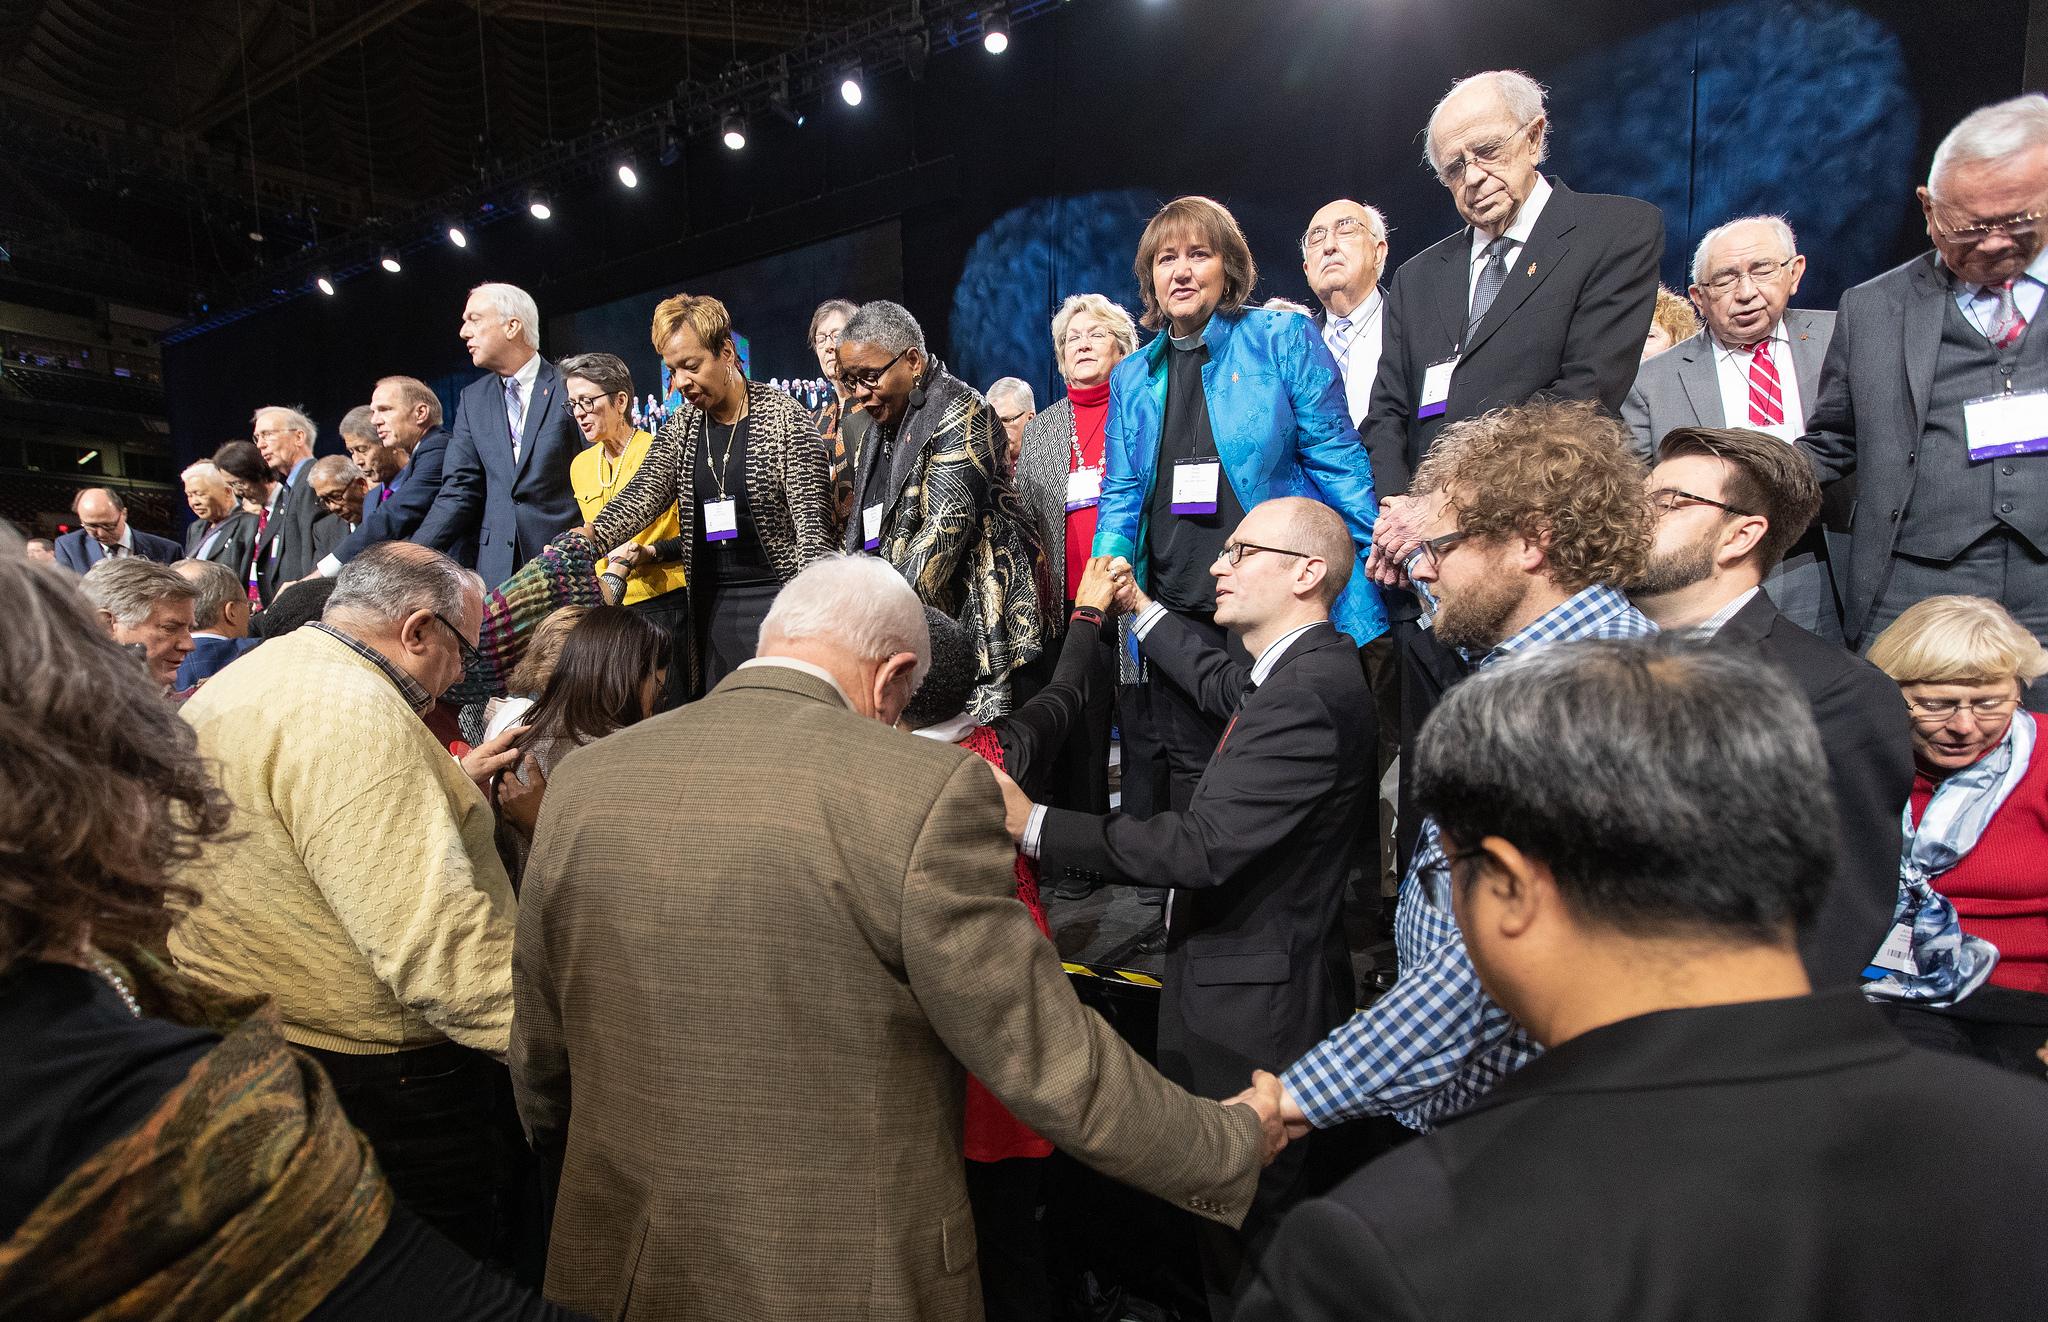 Image captions: 대의원들과 감독들이 세인트루이스에서 열린 2019년 연합감리교회 총회에서 동성애에 관한 교회 정책에 투표를 하기 전 무대 앞에서 기도하고 있다. 사진 Mike DuBose, UMNS.